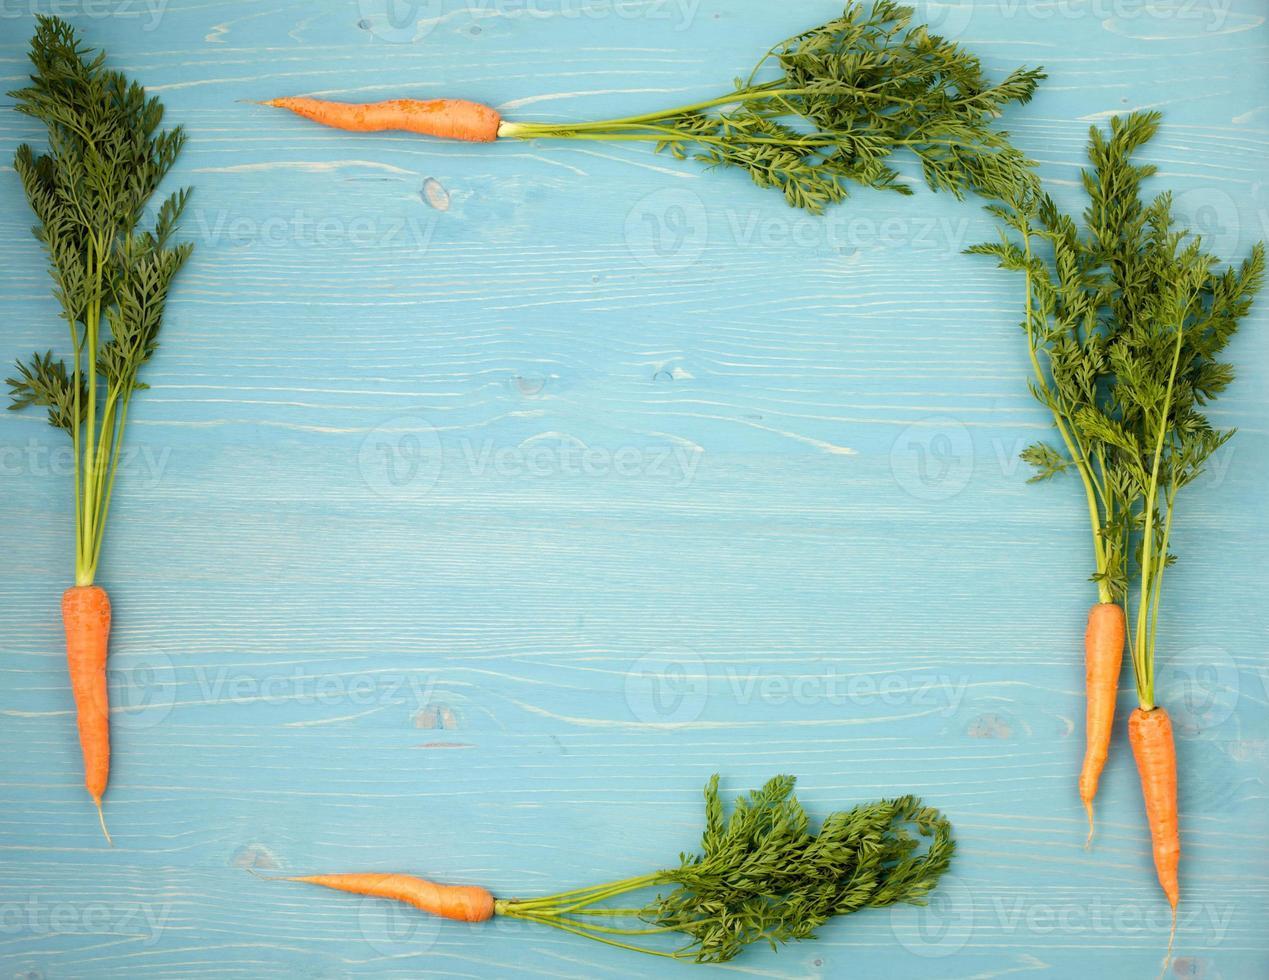 composição de cenouras em um fundo azul de madeira foto